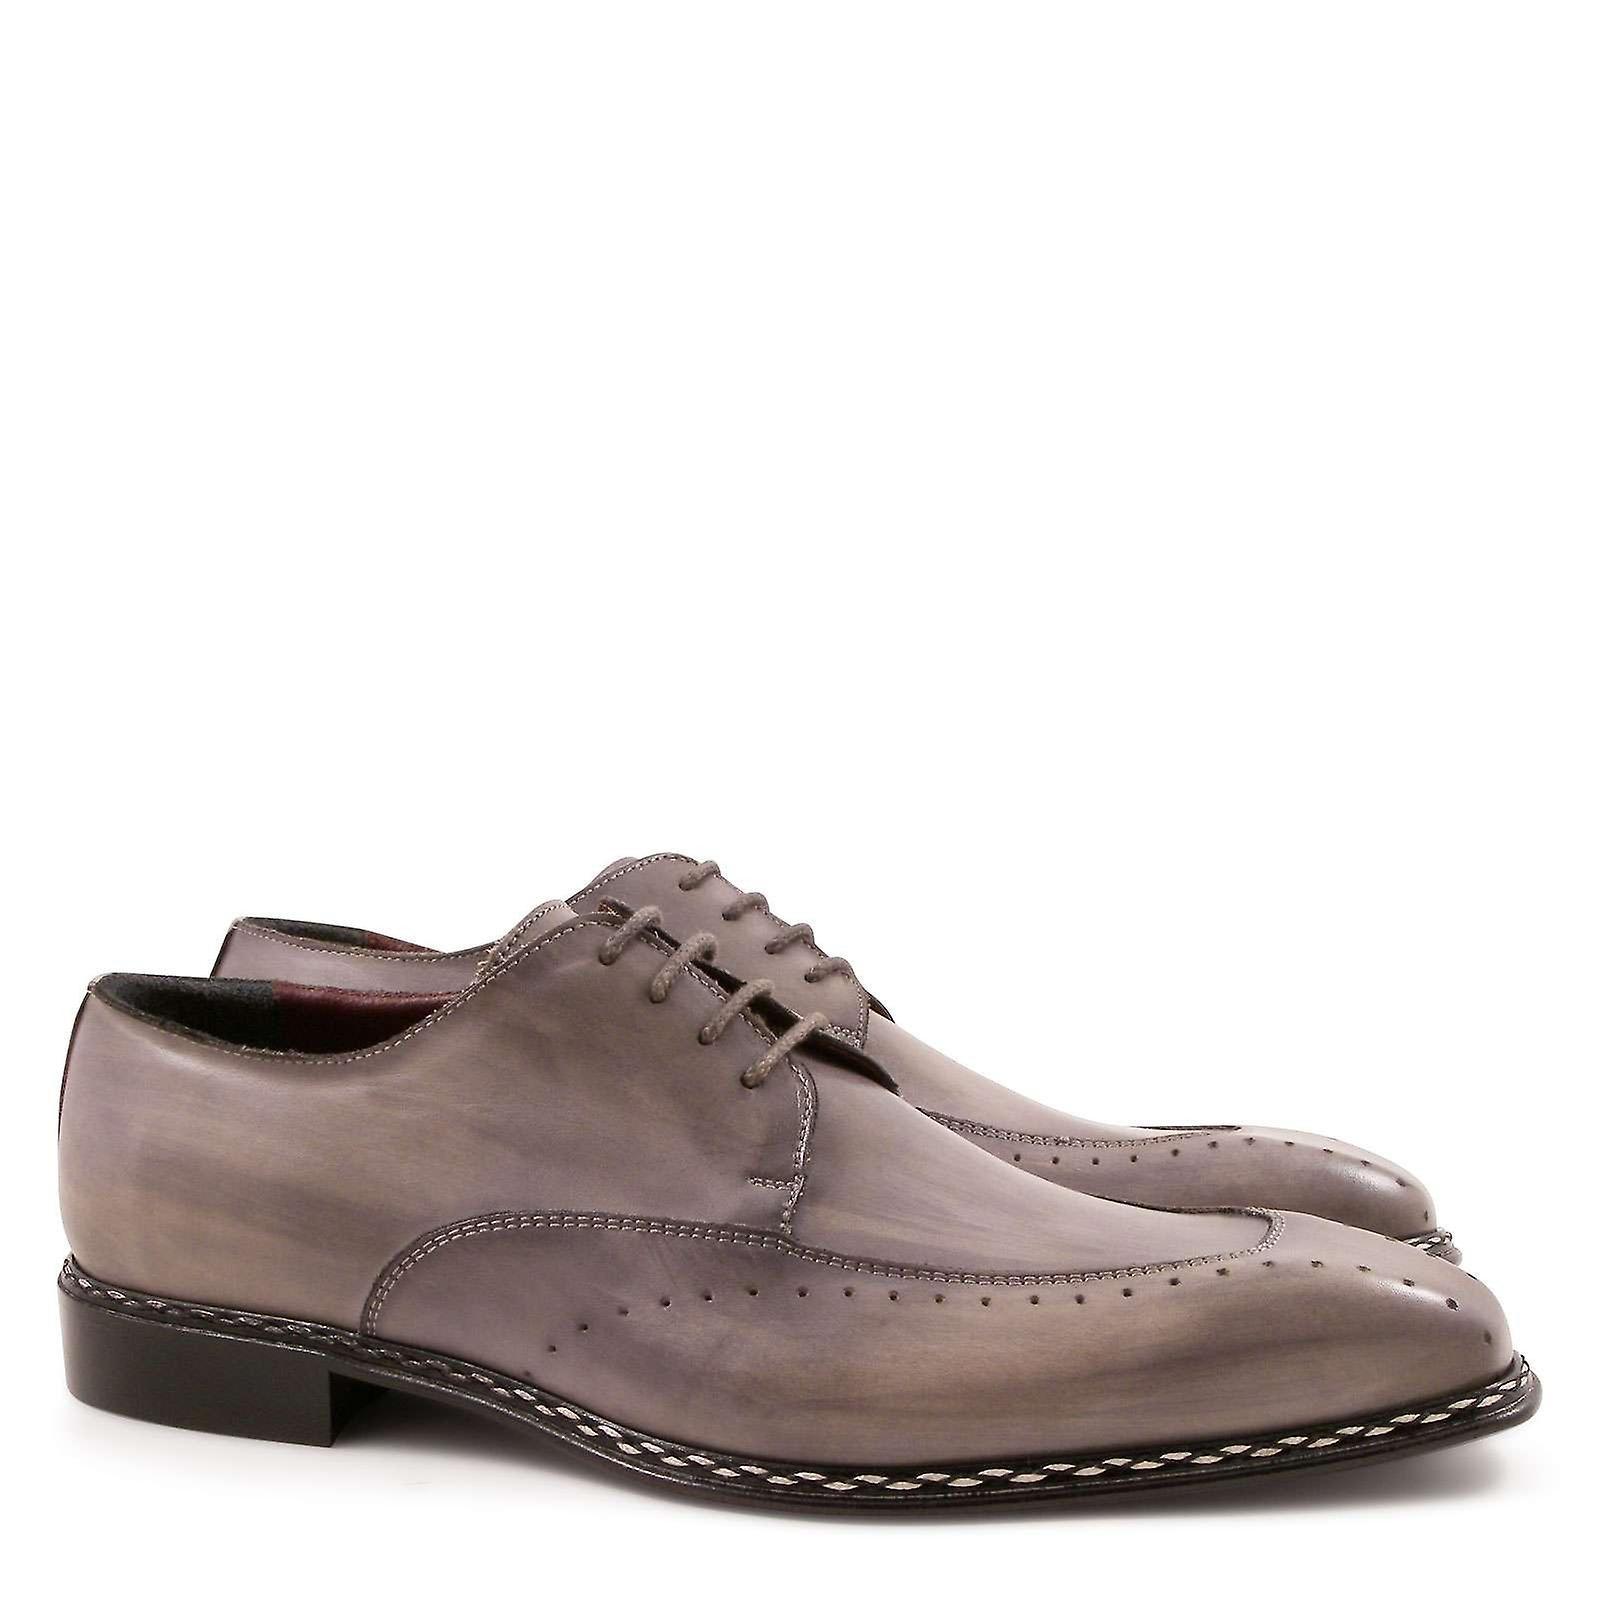 chaussures de robe masculine en cuir italien fait à la main en Italie